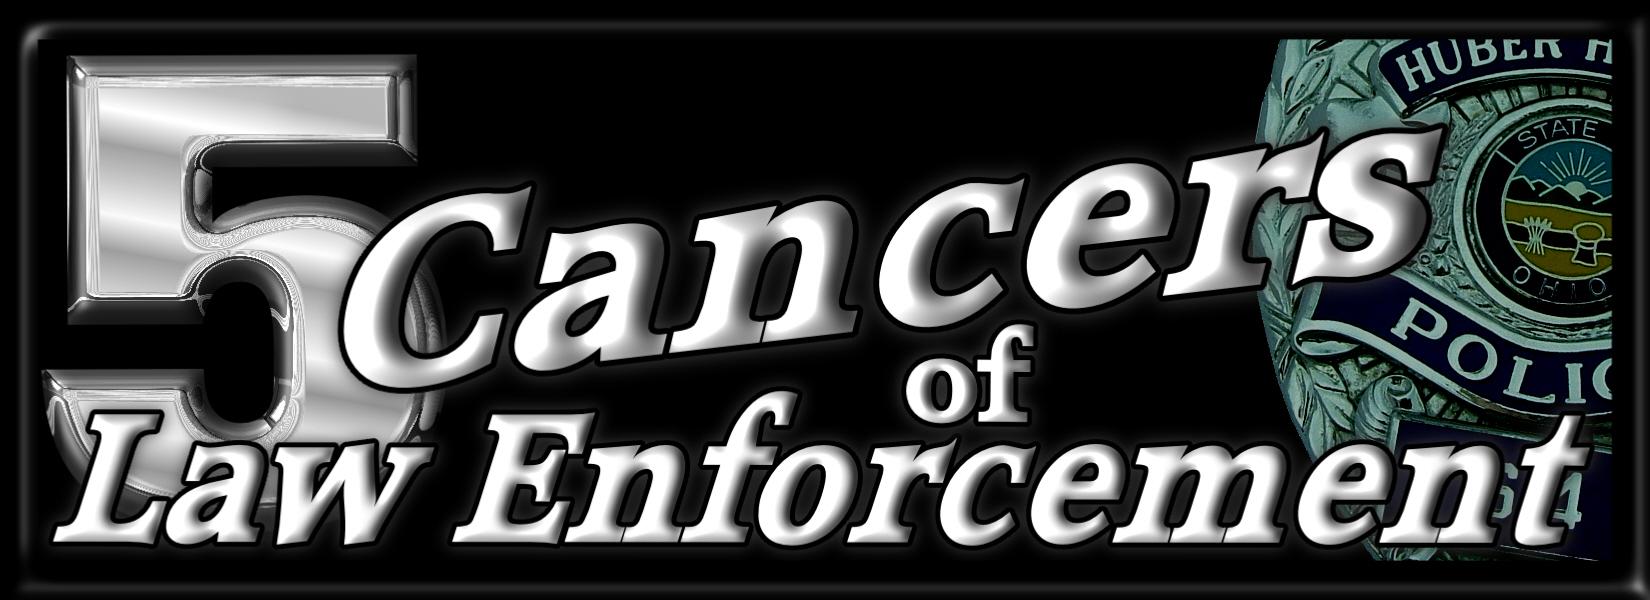 Law enforcement motivation quotes